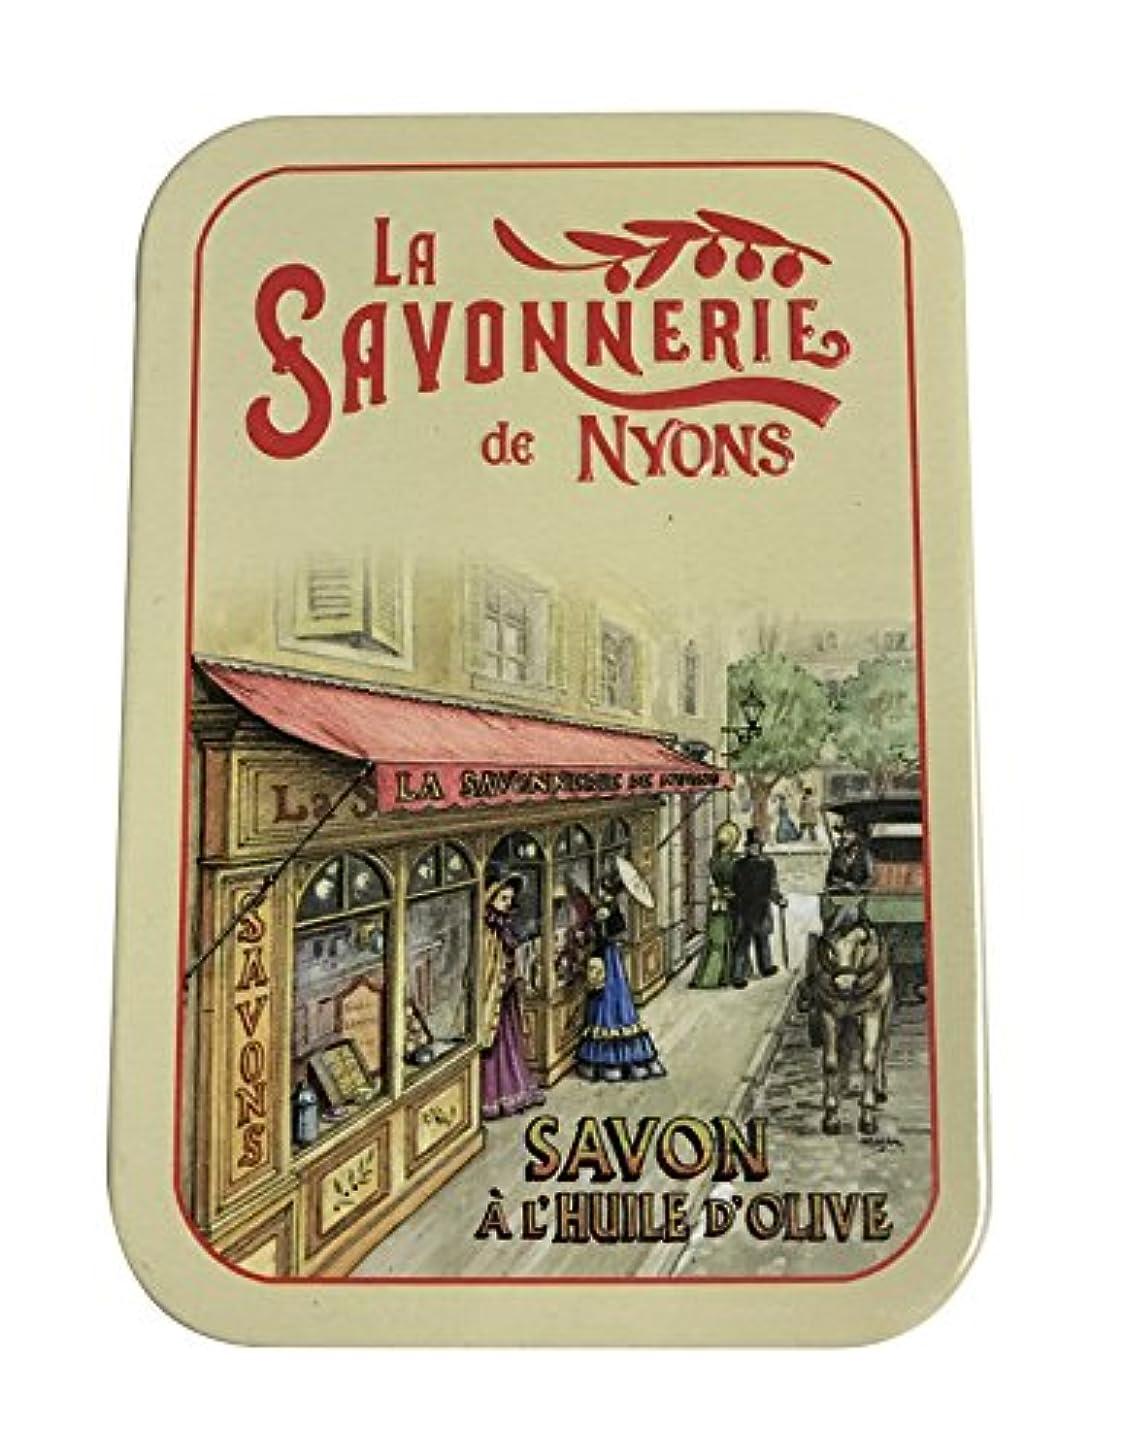 飢試用抵当ラ?サボネリー アンティーク缶入り石鹸 タイプ200 パリの町並み(コットンフラワー)